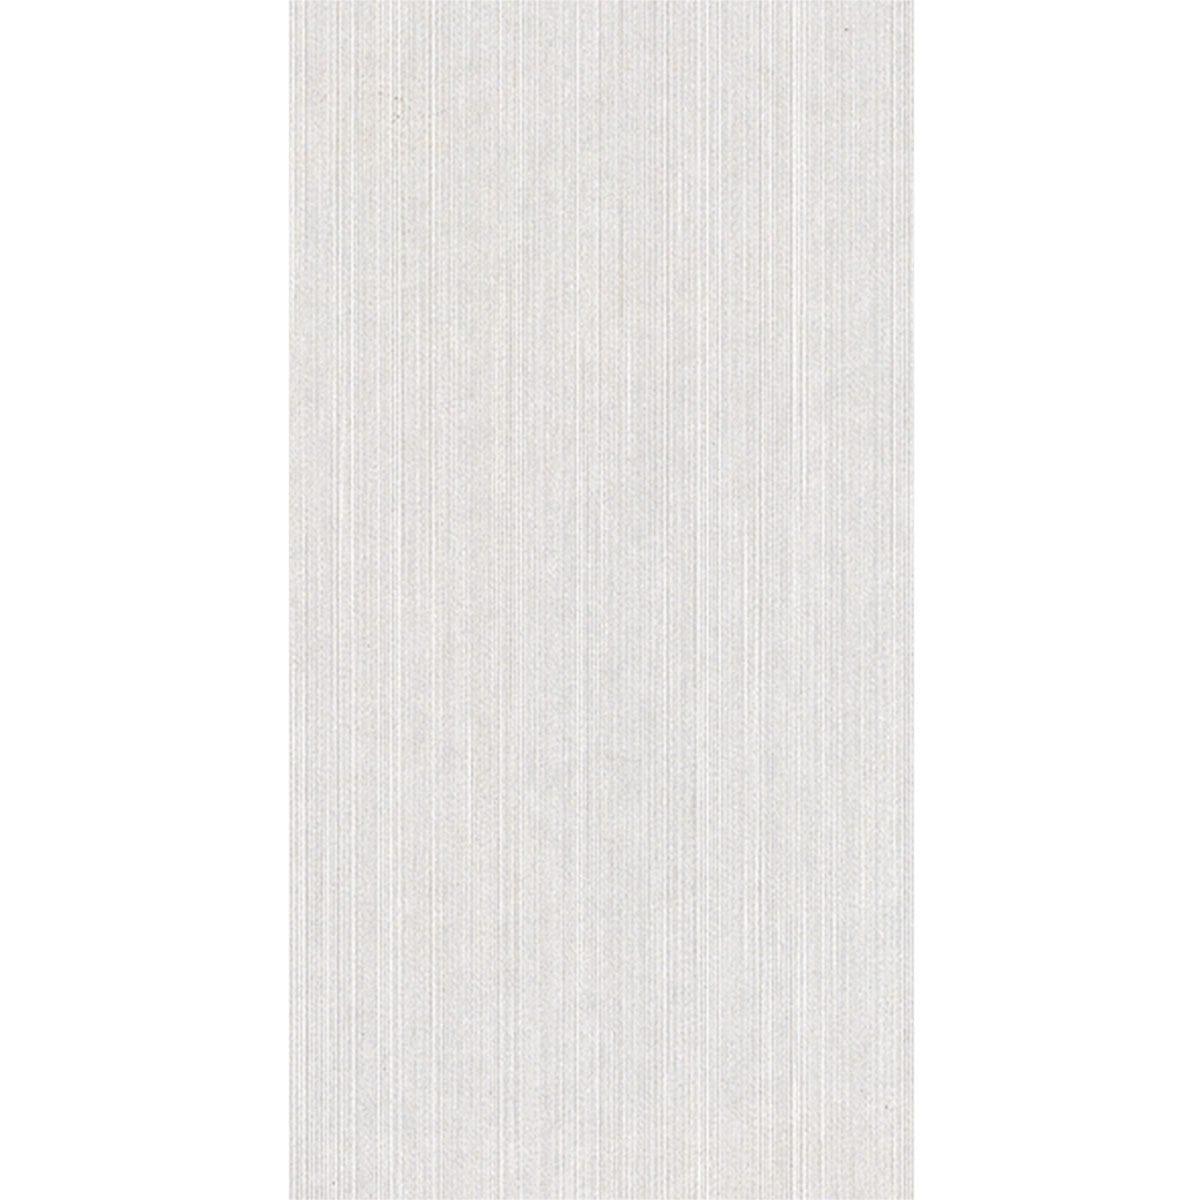 BRITISHT WHITE MATTE 10253 12X24 EDIT